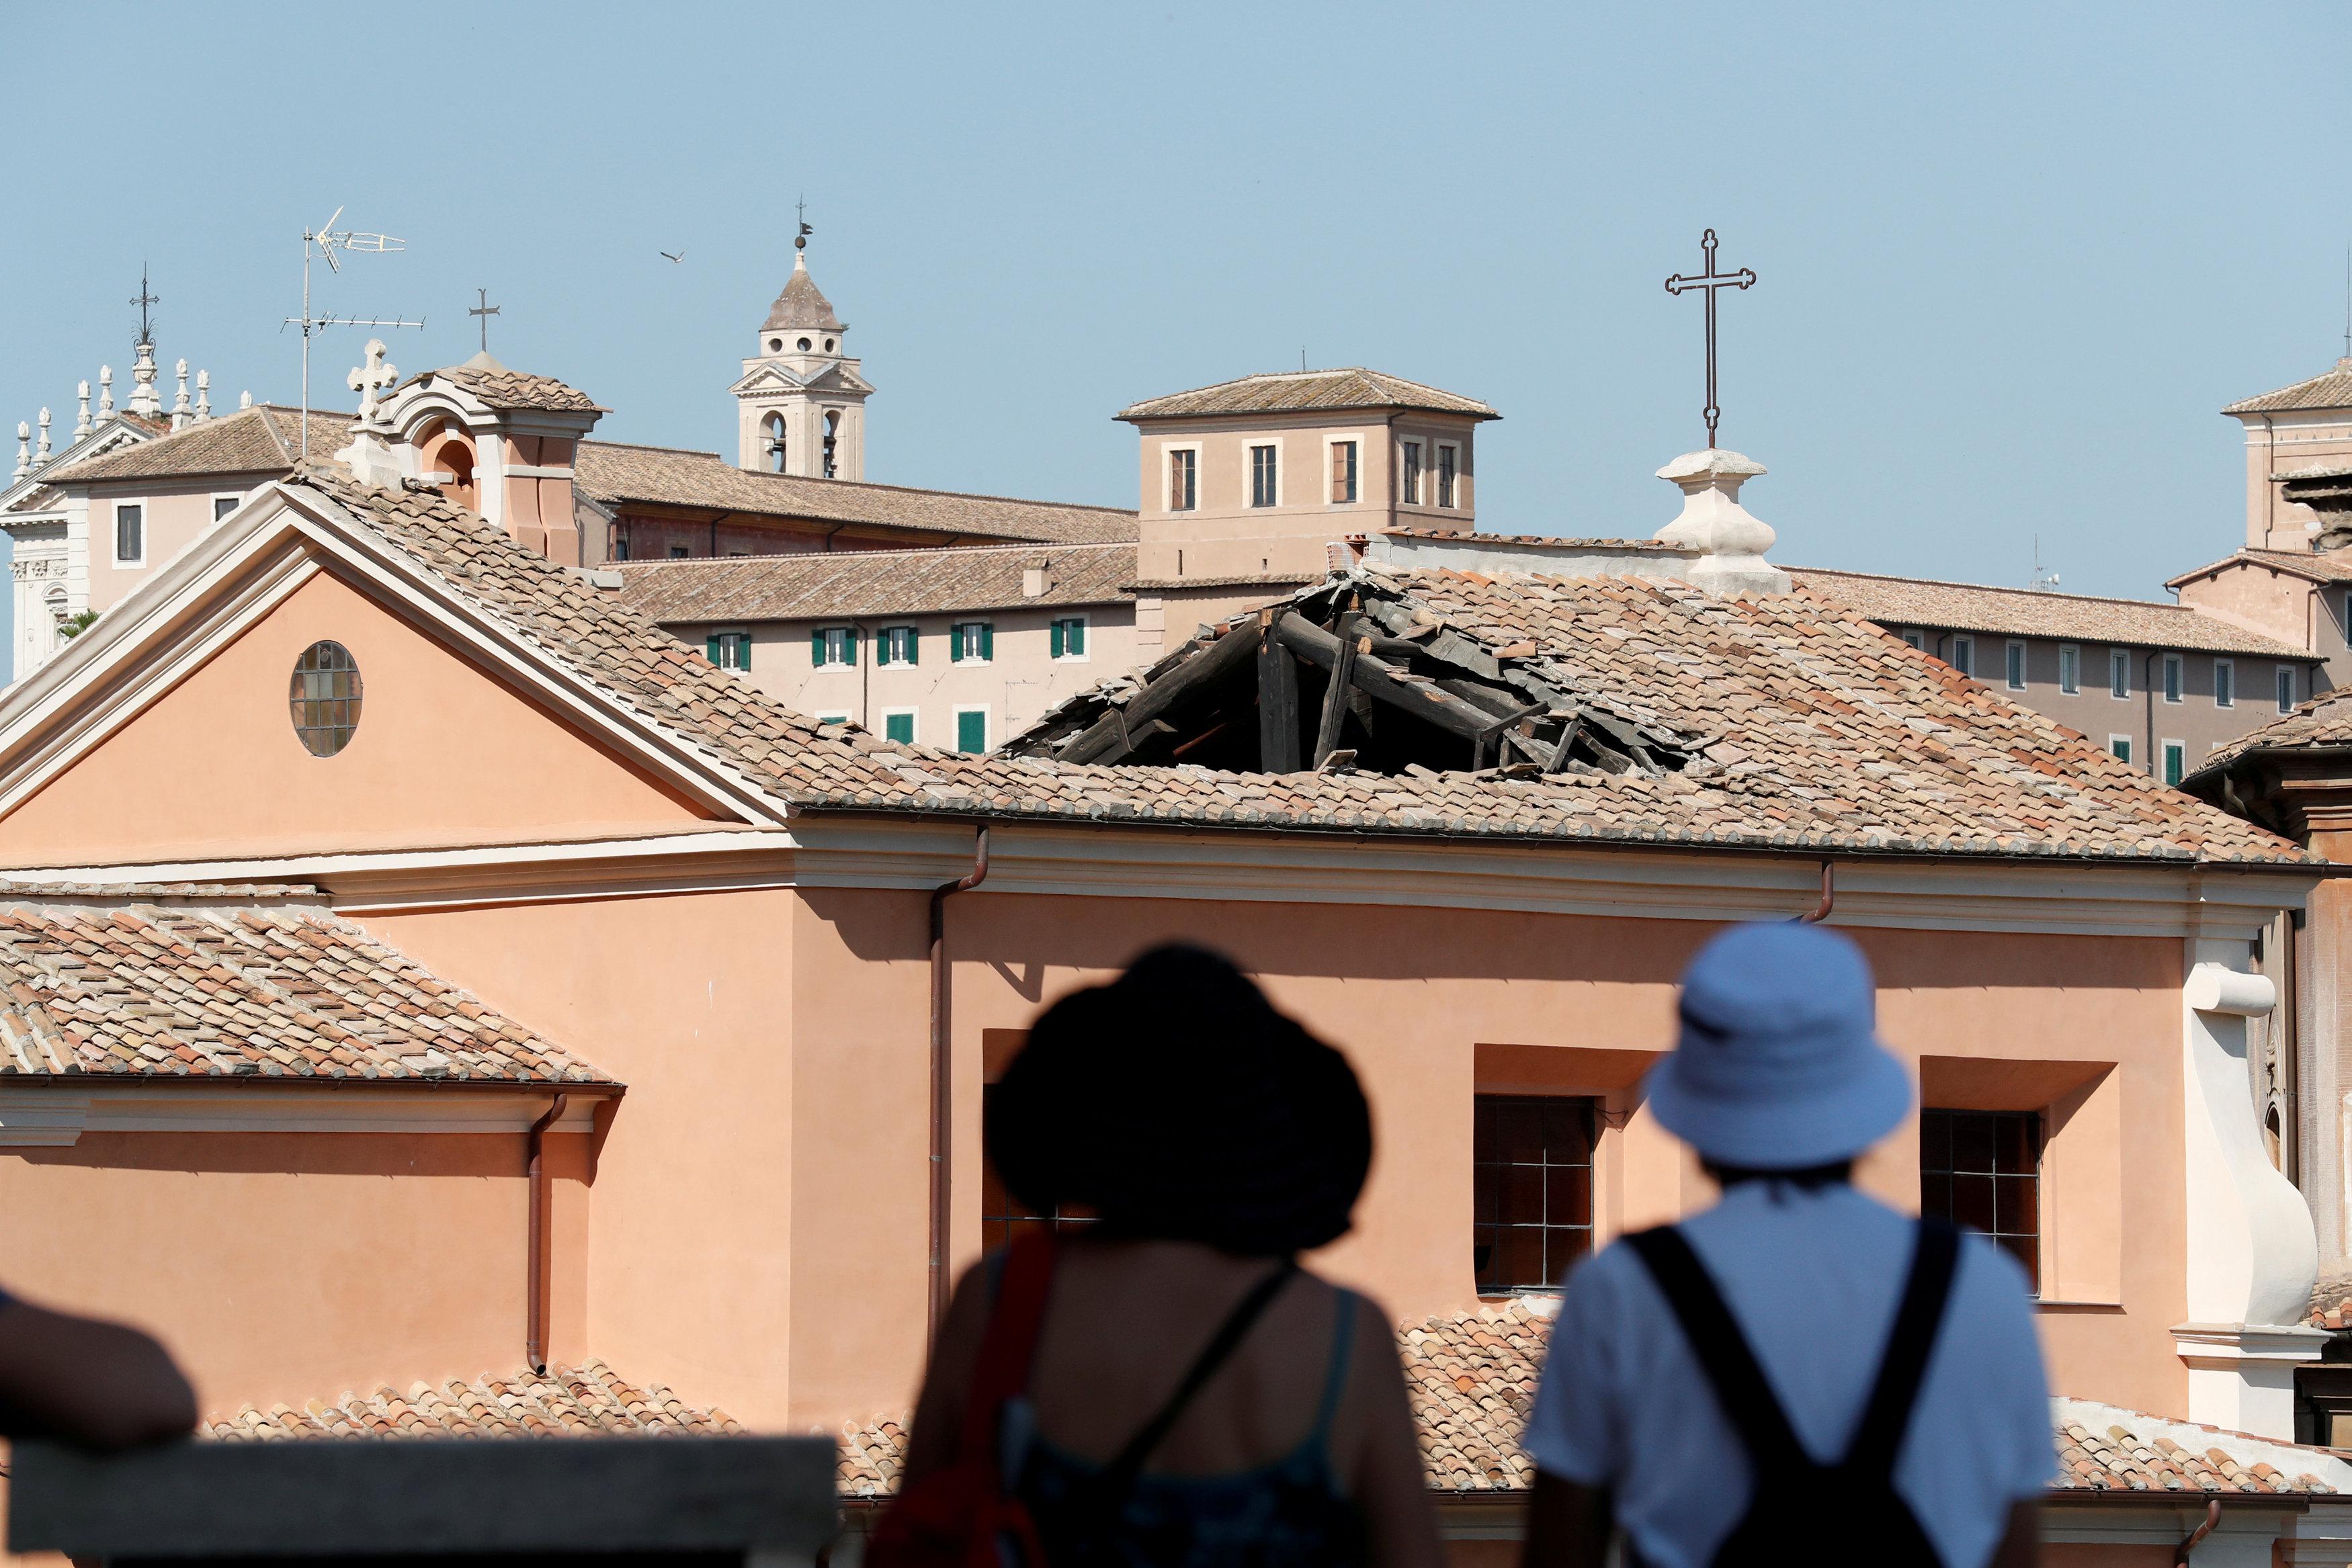 Dos personas observan el techo colapsado de la iglesia de San José de los Carpinteros (REUTERS/Alessandro Bianchi)